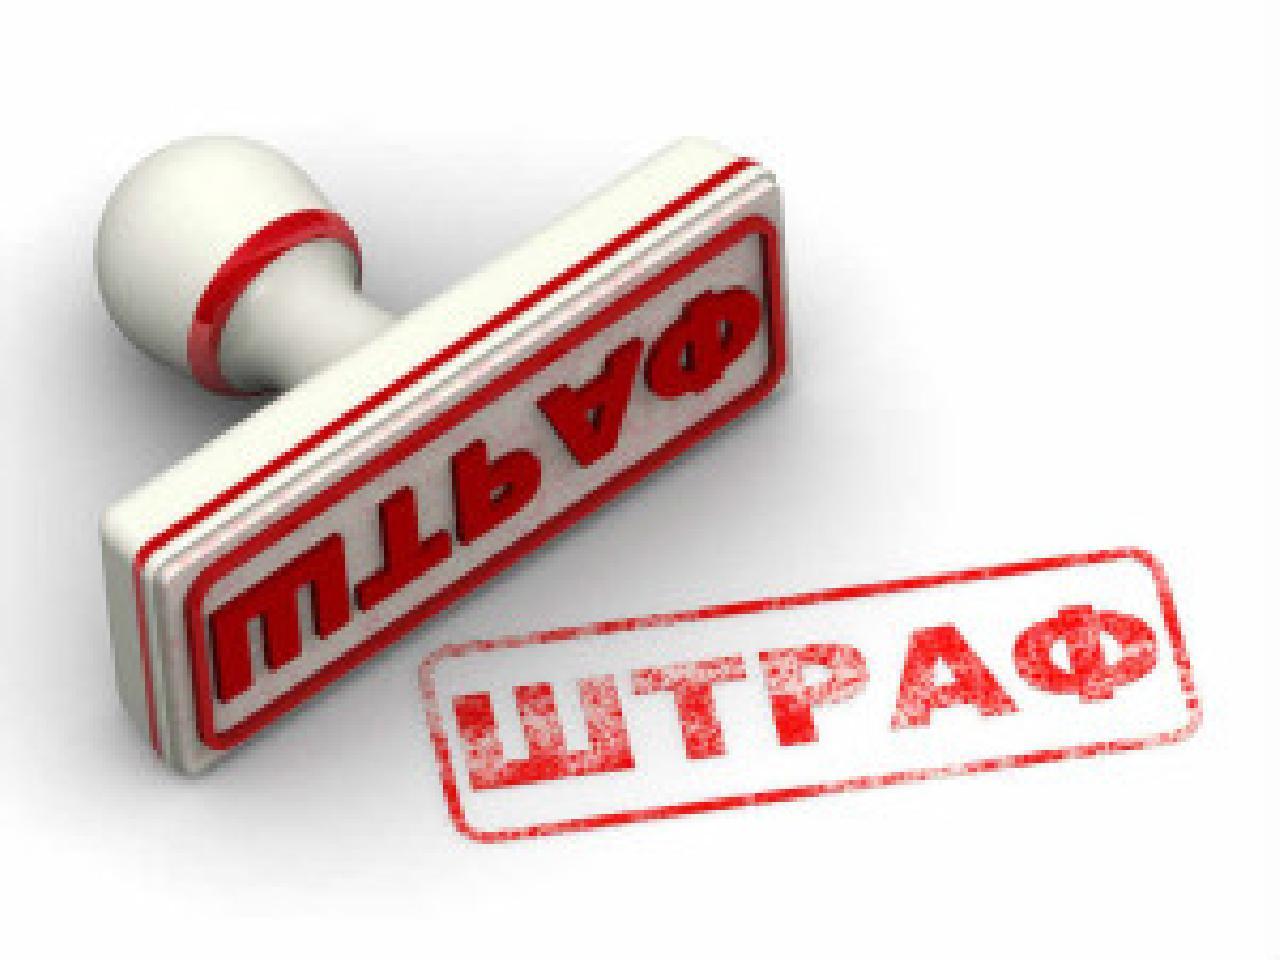 Штрафы за административные нарушения: понятие, размер, кто выписывает